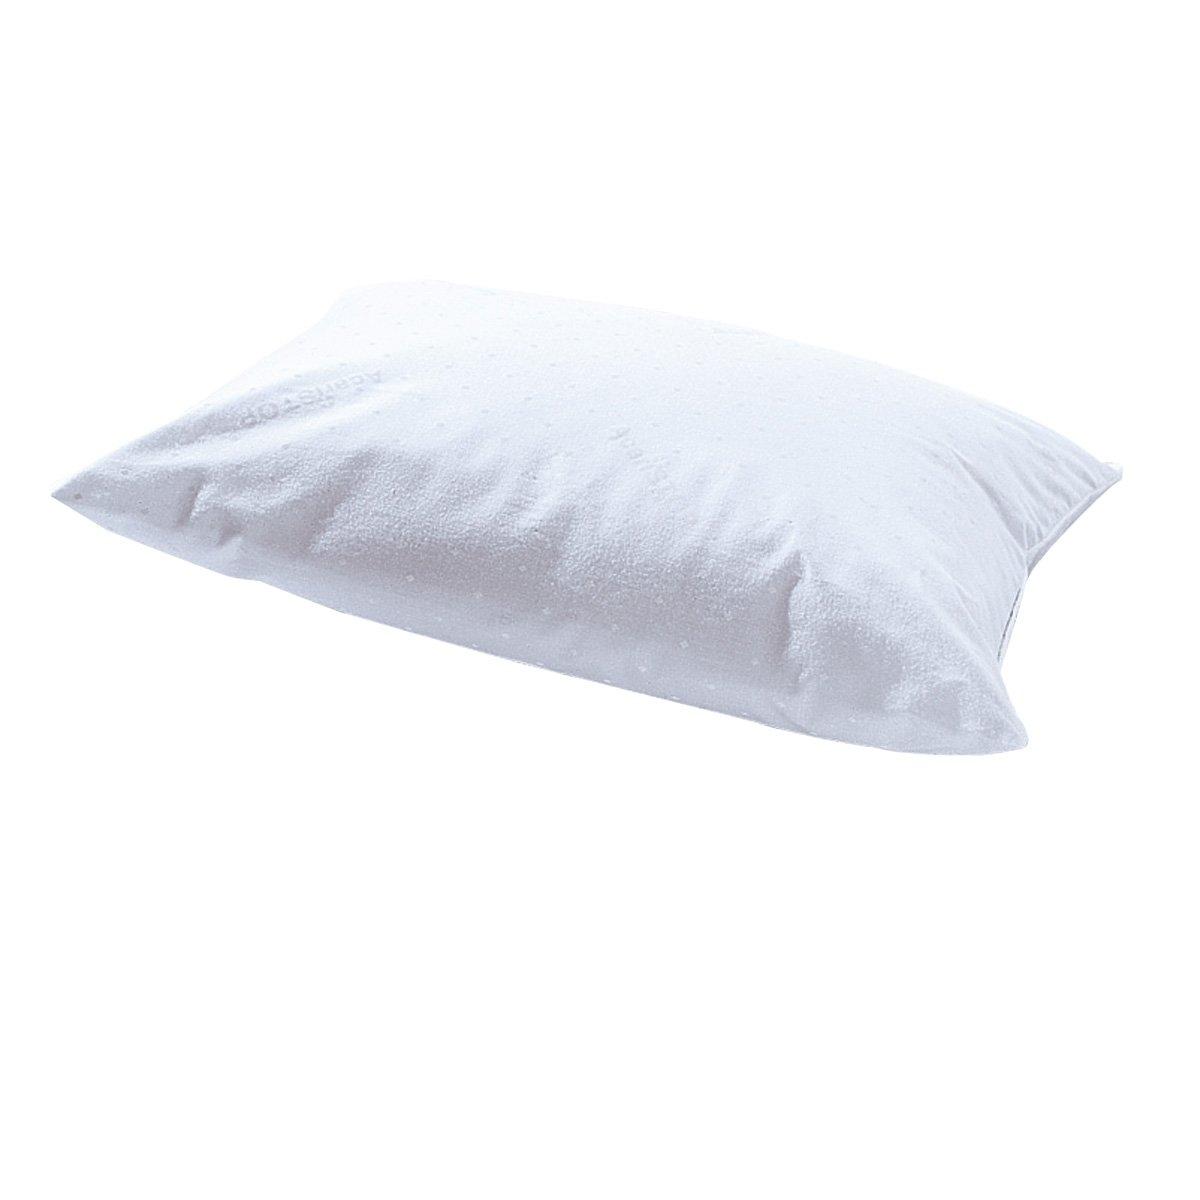 Подушка детская с обработкойГигиена и комфорт! Детская подушка с обработкой против клещей, которая прослужит долгое время, а также против пятен (до 15 стирок). Чехол из 100% хлопка. Стирка при 60°. Наполнитель из полиэстера. 2 размера: 35 х 45 см или 40 х 60 см.<br><br>Цвет: белый